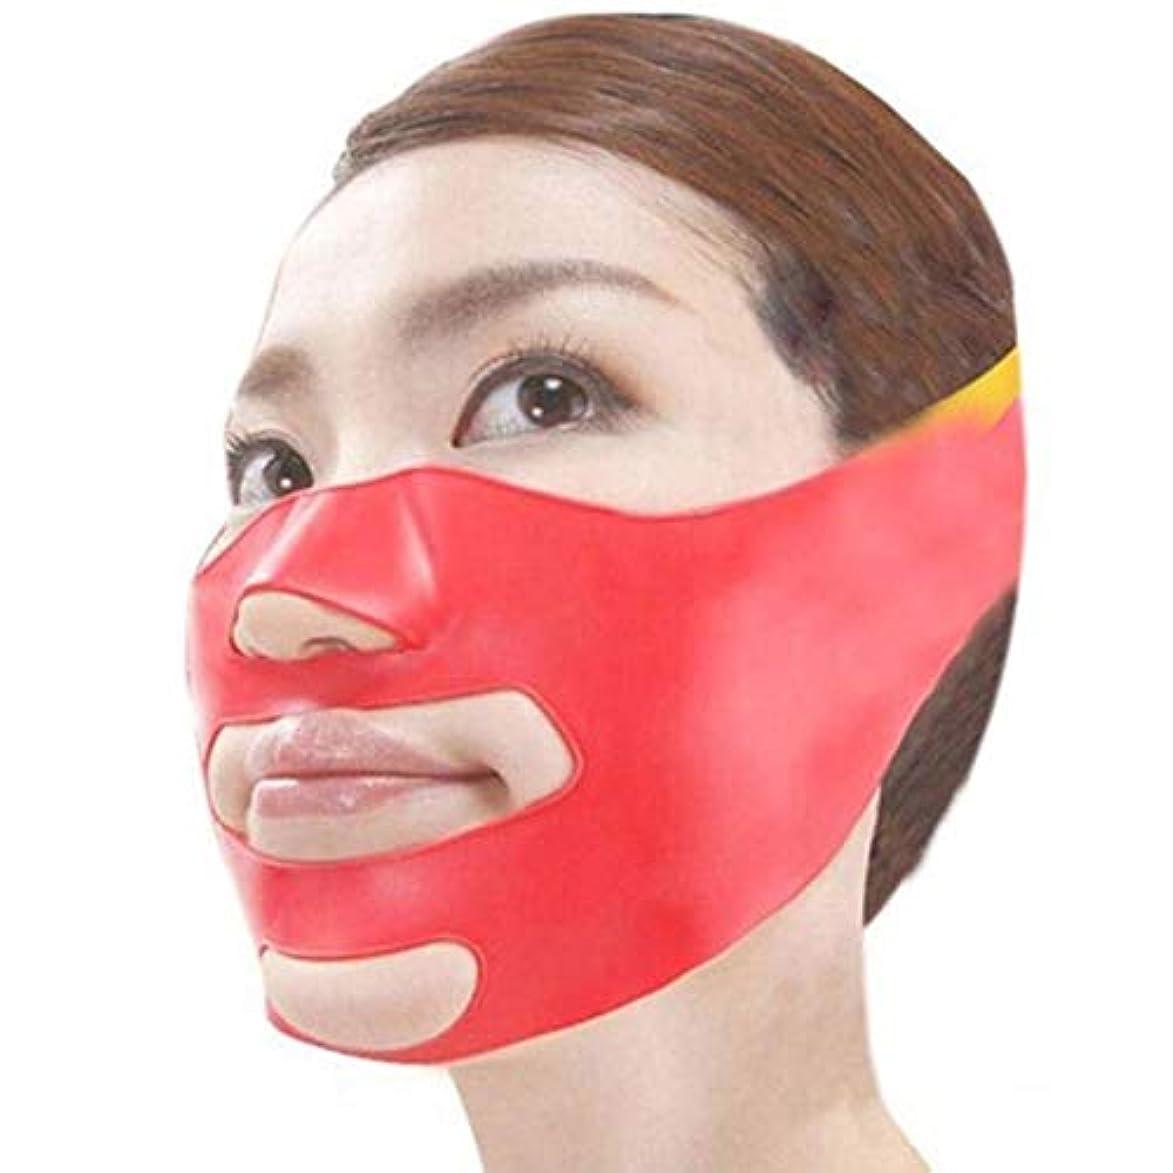 クールニコチンプーノシリコーンフェイススリミングマスクフェイスチンリフトバンドスキンケアリフティングラップVシェイプダブルチンタイトベルト(Color:red)